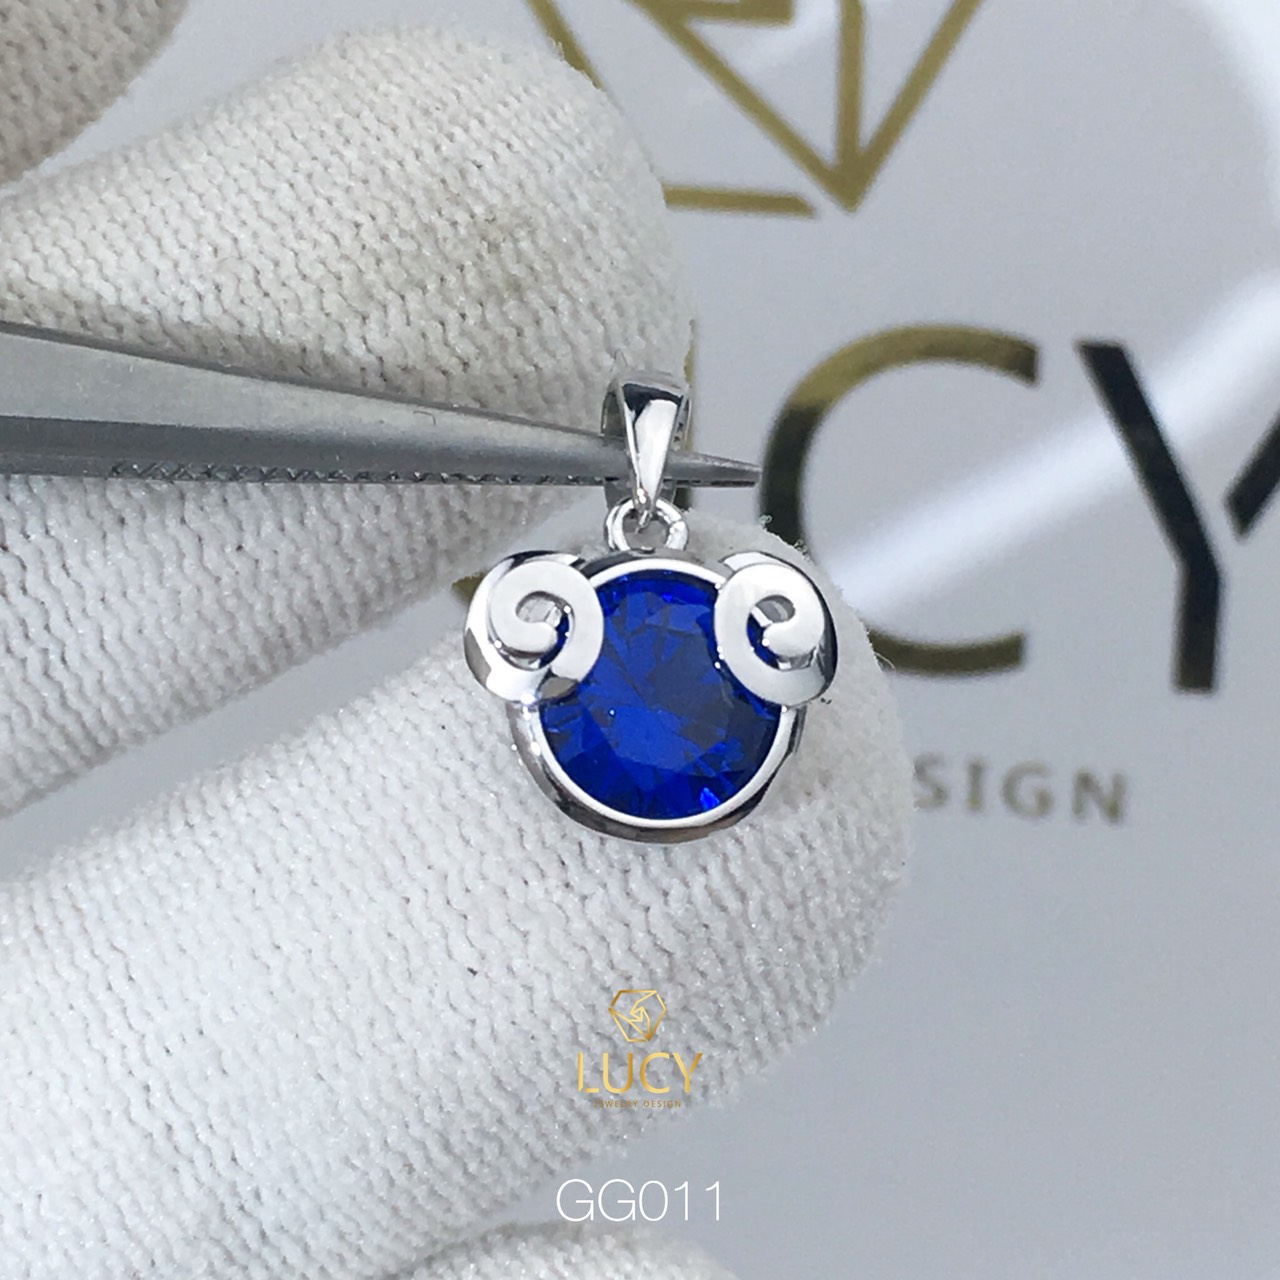 GG011 Mặt dây chuyền thiết kế cung hoàng đạo Bạch Dương vàng 10k 14k 18k - Lucy Jewely